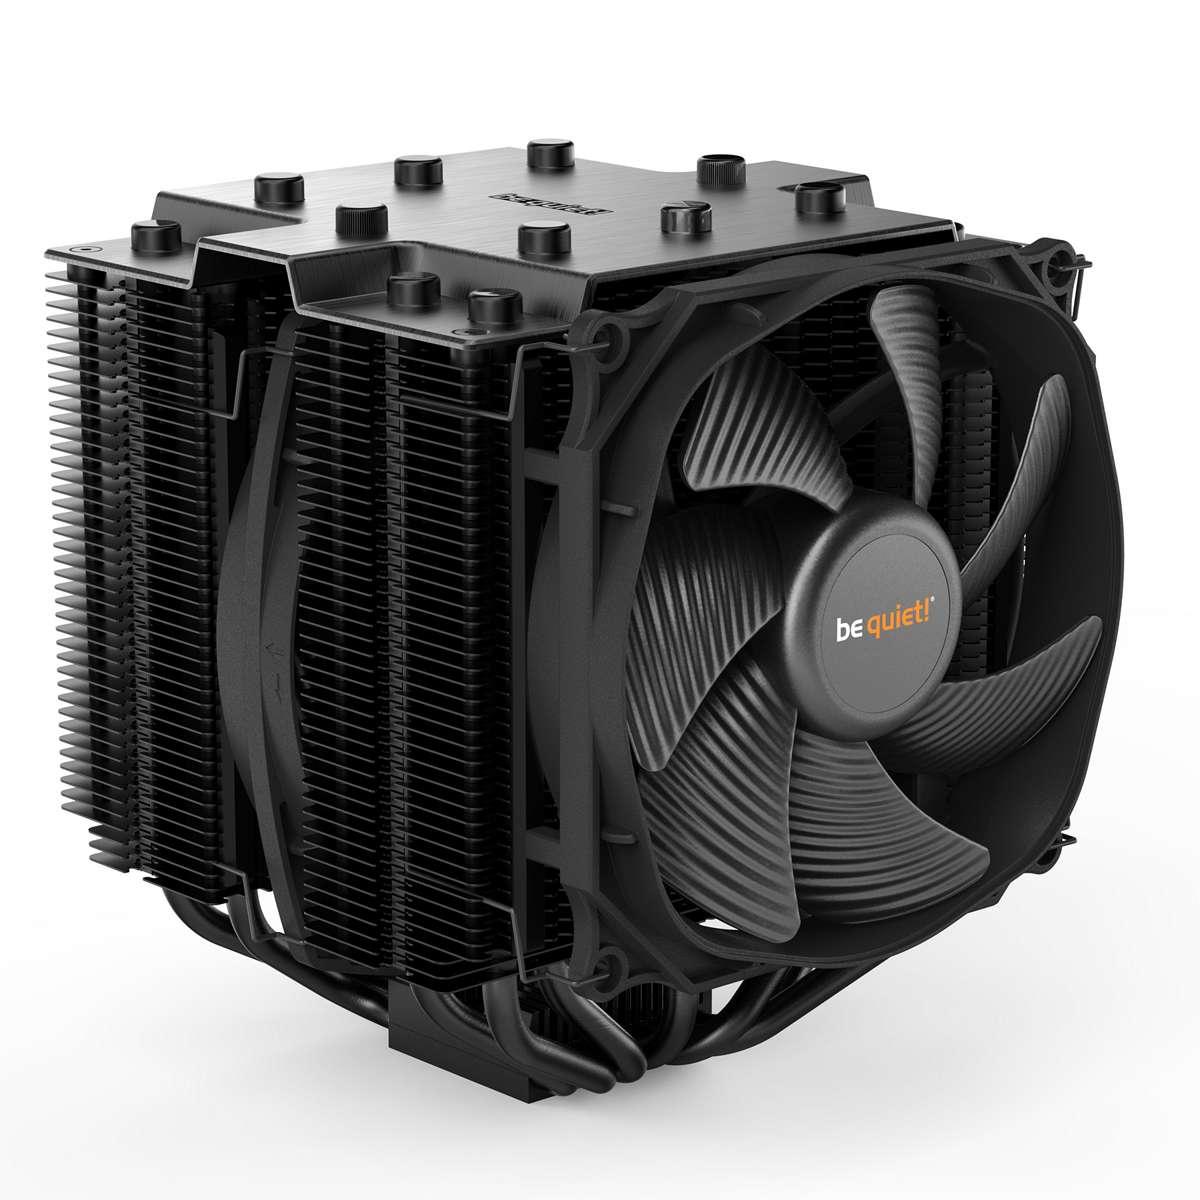 Ventilateur processeur be quiet! Dark Rock PRO 4 Ventilateur de processeur (pour Socket AMD AM2/AM2+/AM3/AM3+/AM4/FM1/FM2 et INTEL LGA 1150/1151/1155/1156/1366/2011/2066)